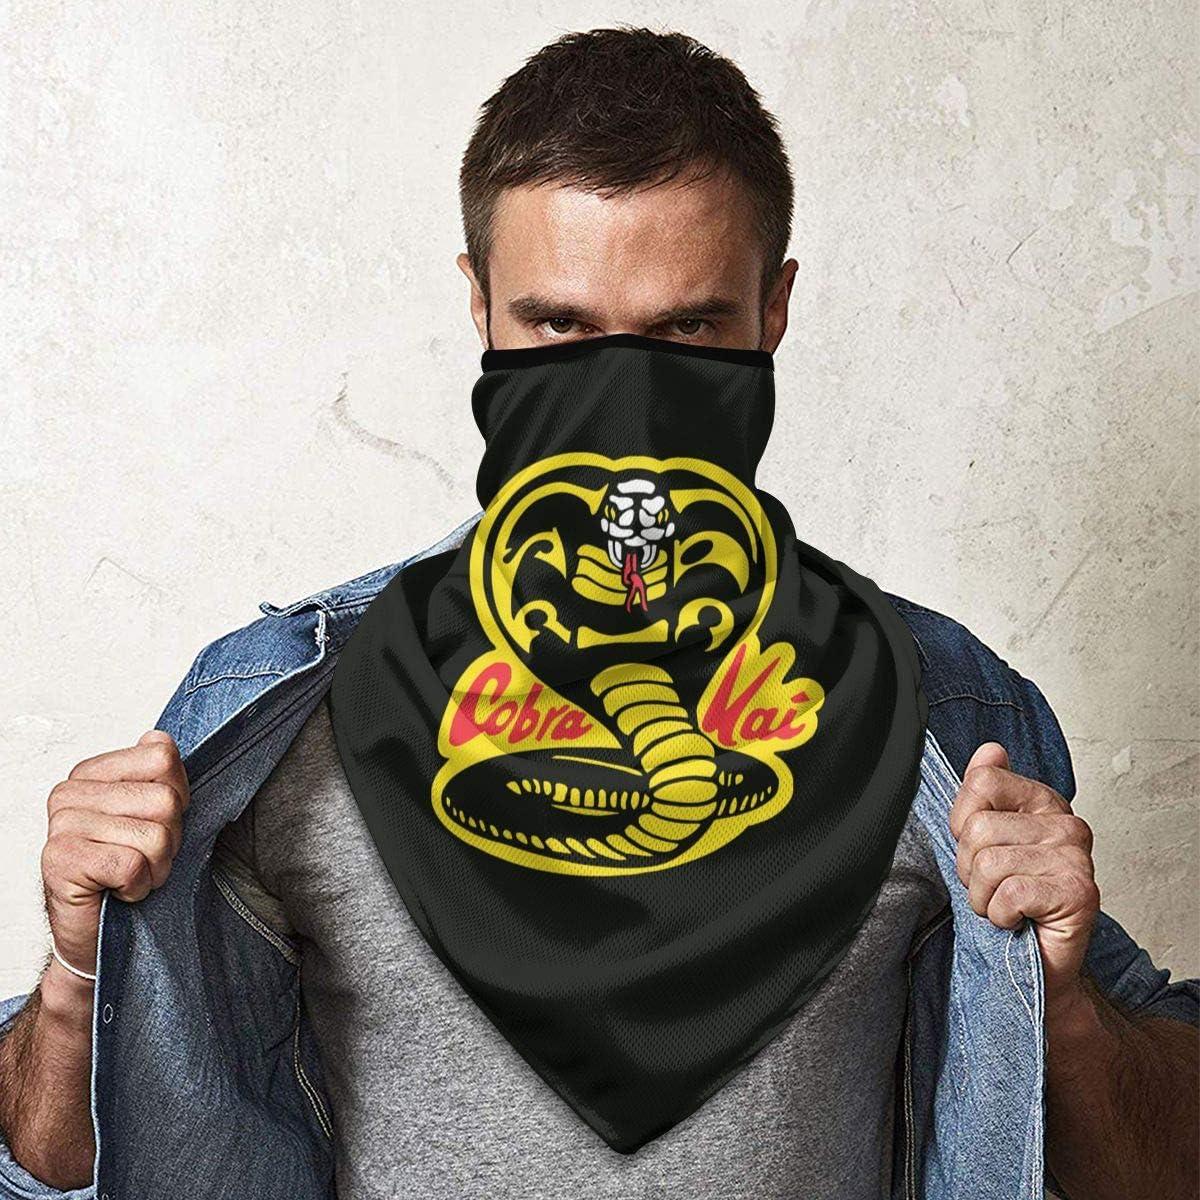 BXYJSHIYI Cobra Kai Winddichter Mundschutz Halstuch Schutz des Gesichts Face Cover Balaclava